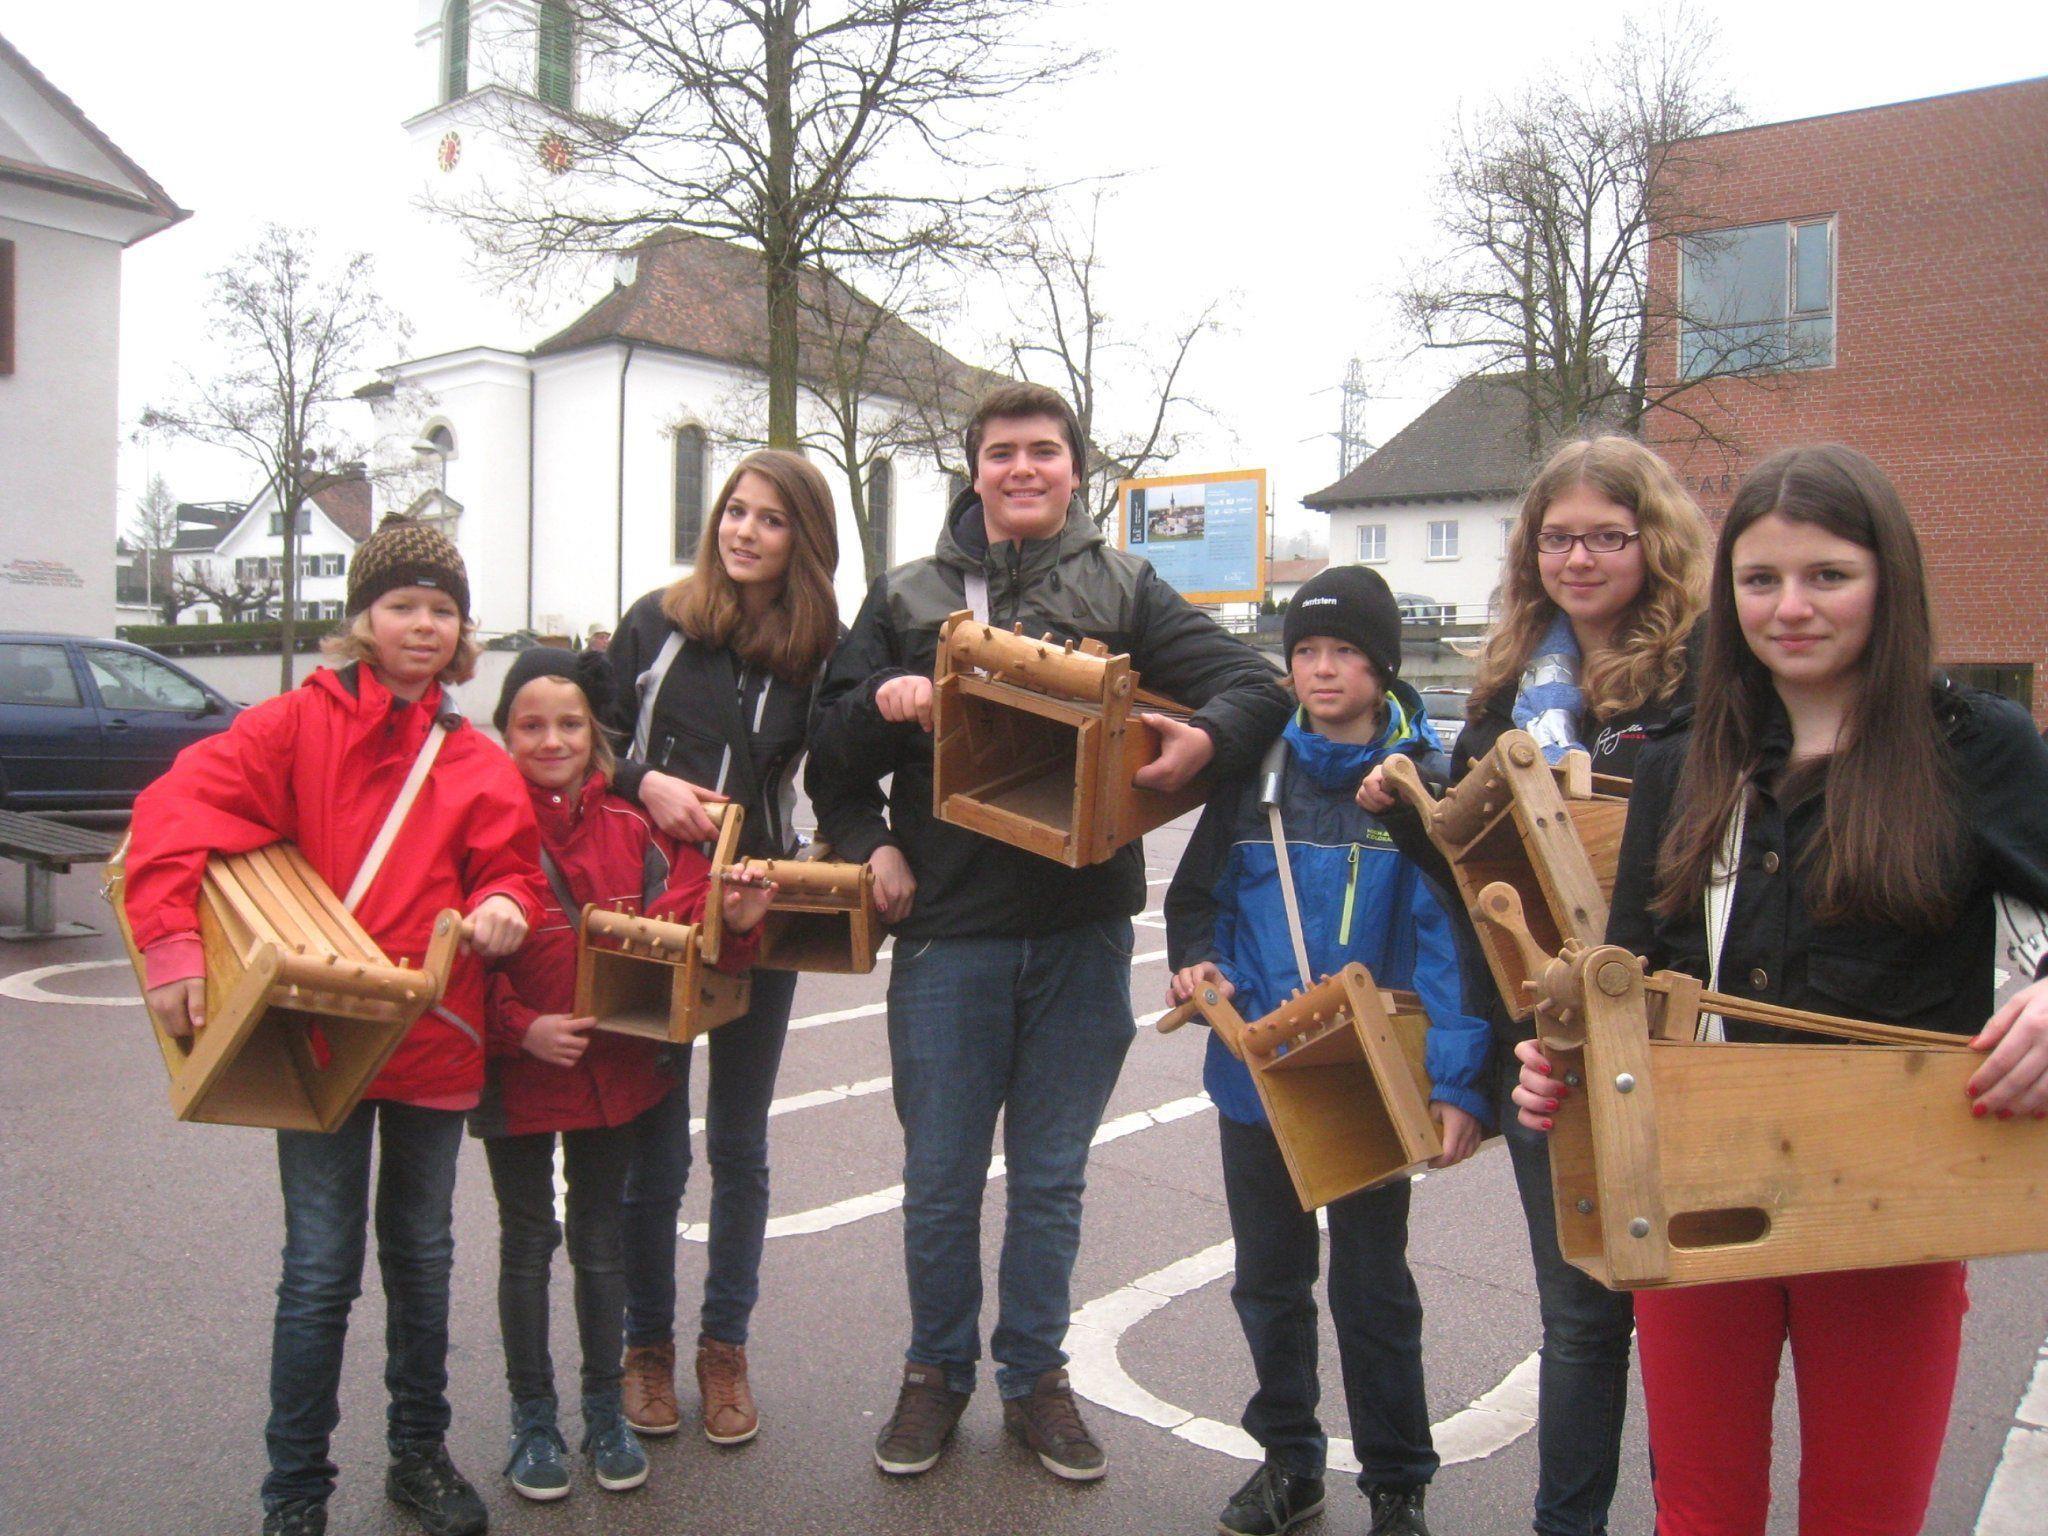 Die Rätschergruppe Dorf  ist mit teils jahrzehntealten Ratschen unterwegs.